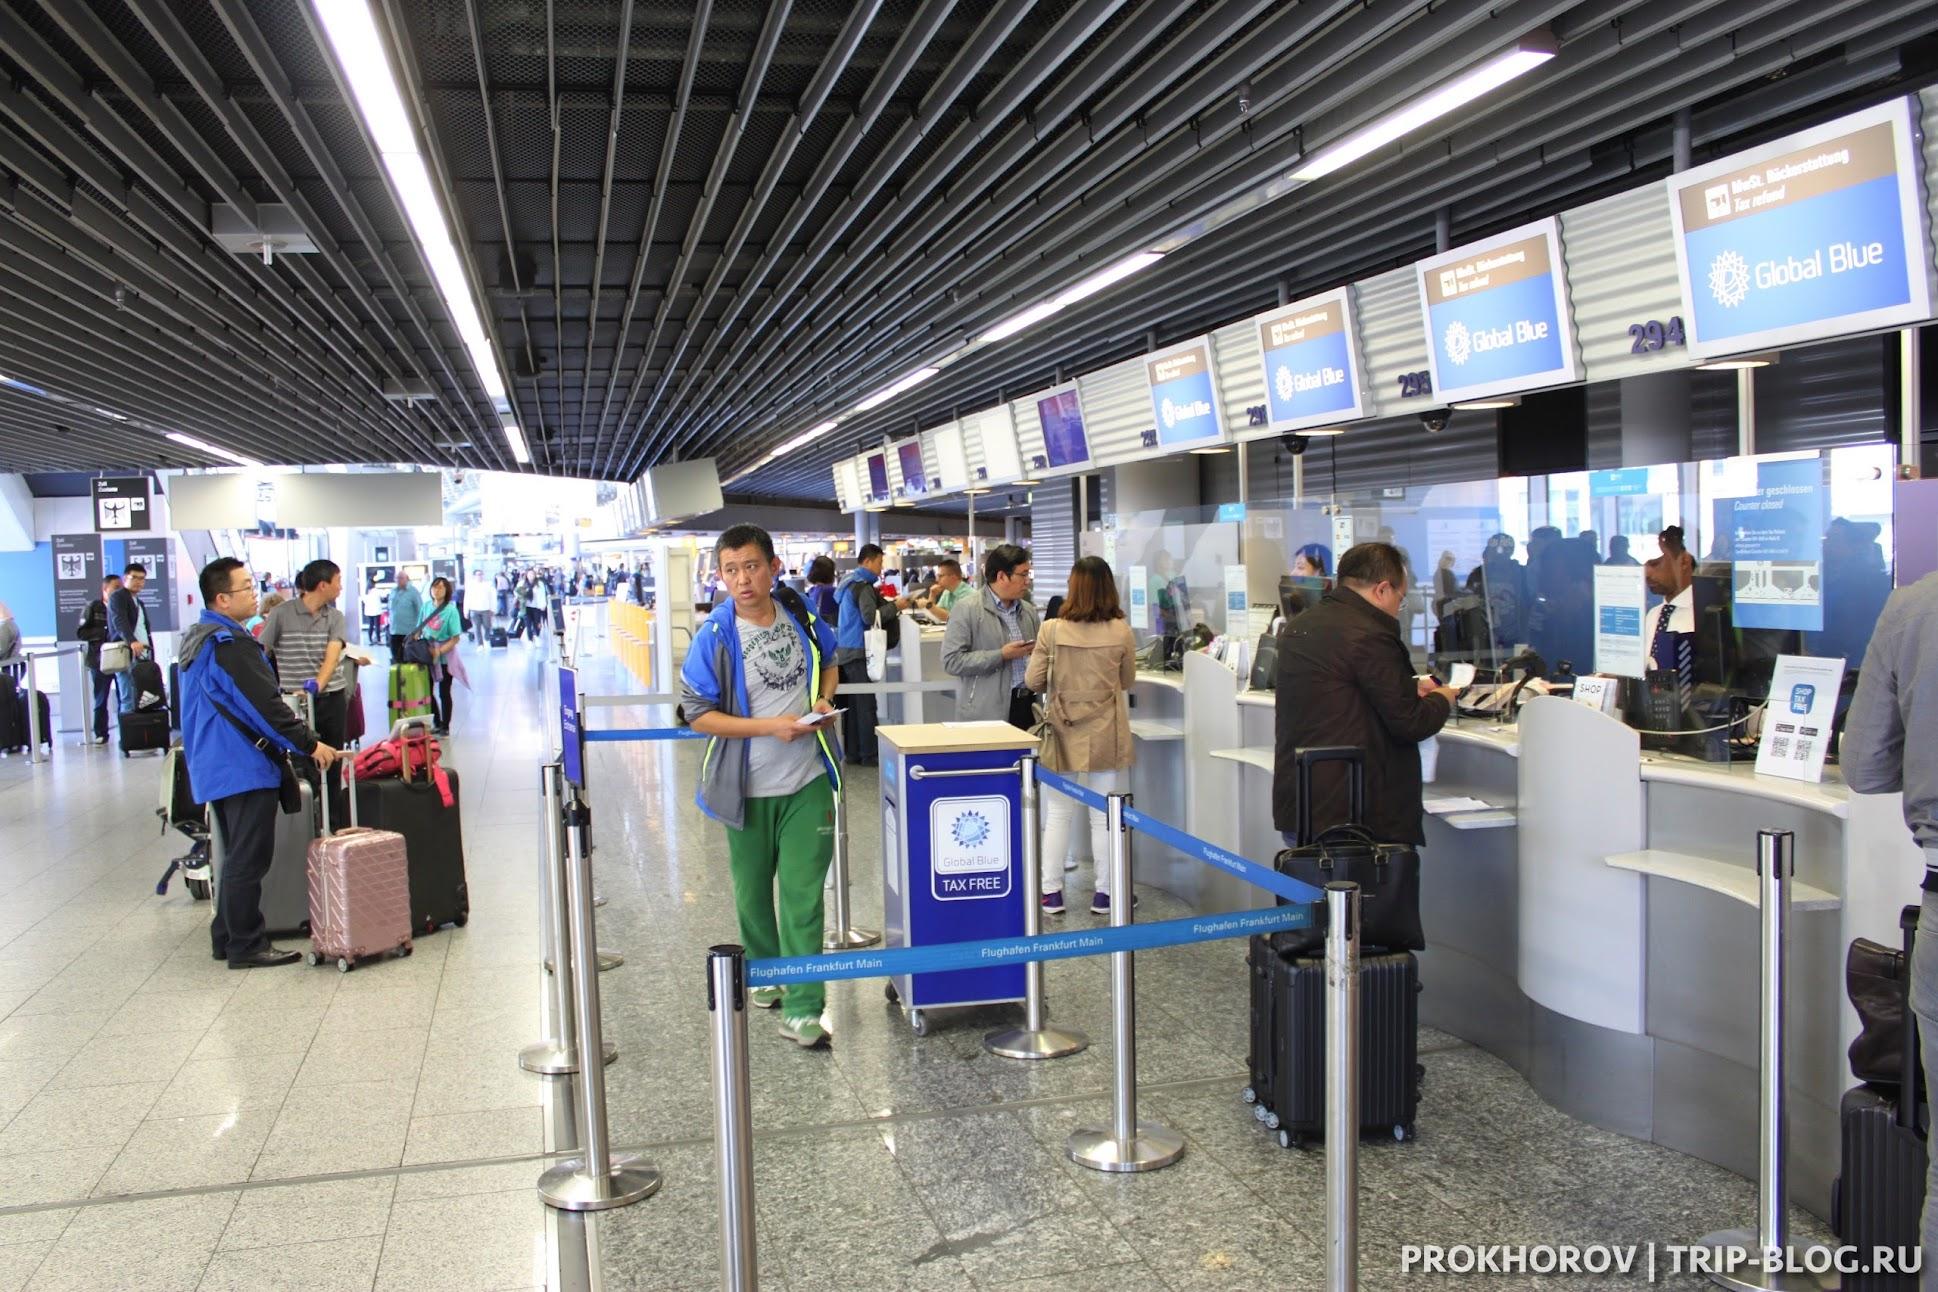 аэропорт Франкфурта стойка возврата Global Blue